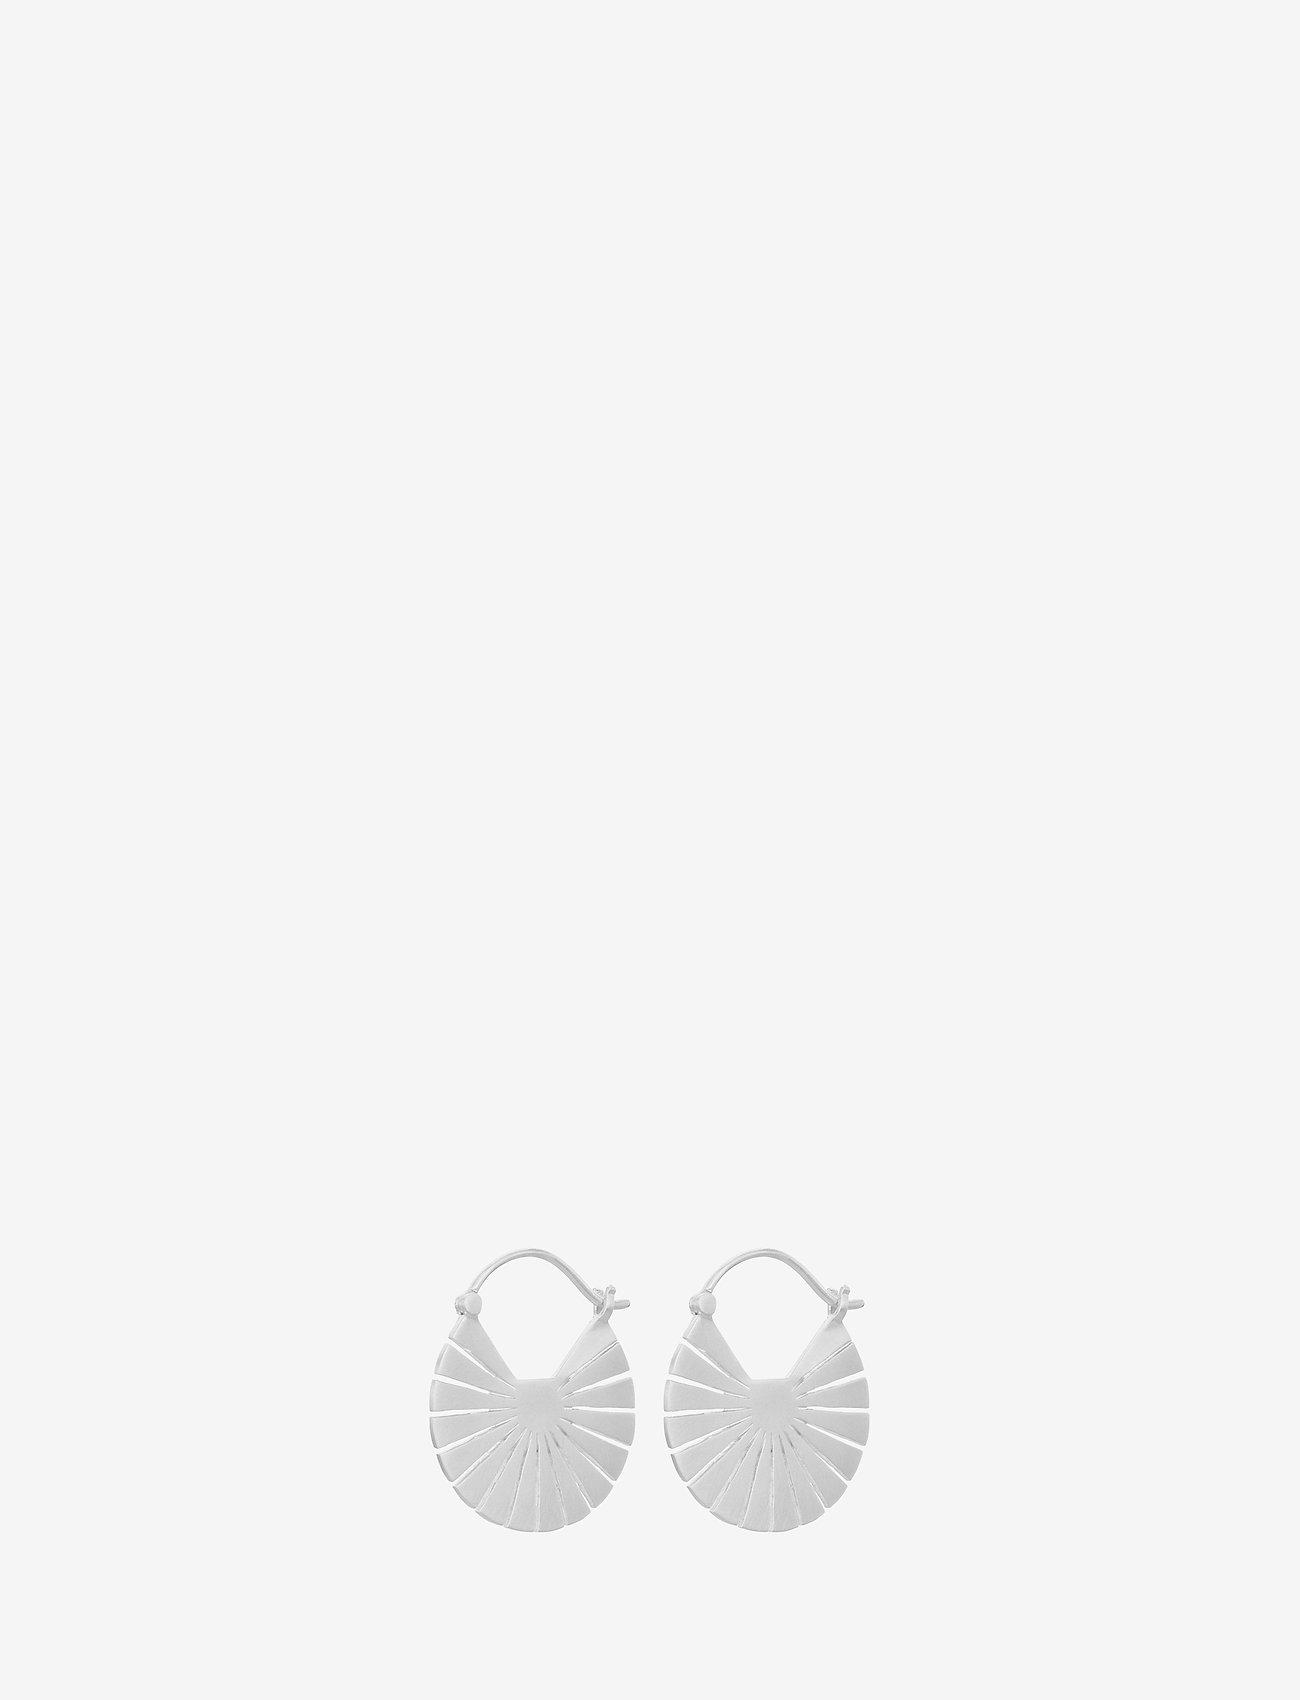 Pernille Corydon - Flare Earrings size 23 mm - hängande örhängen - silver - 0